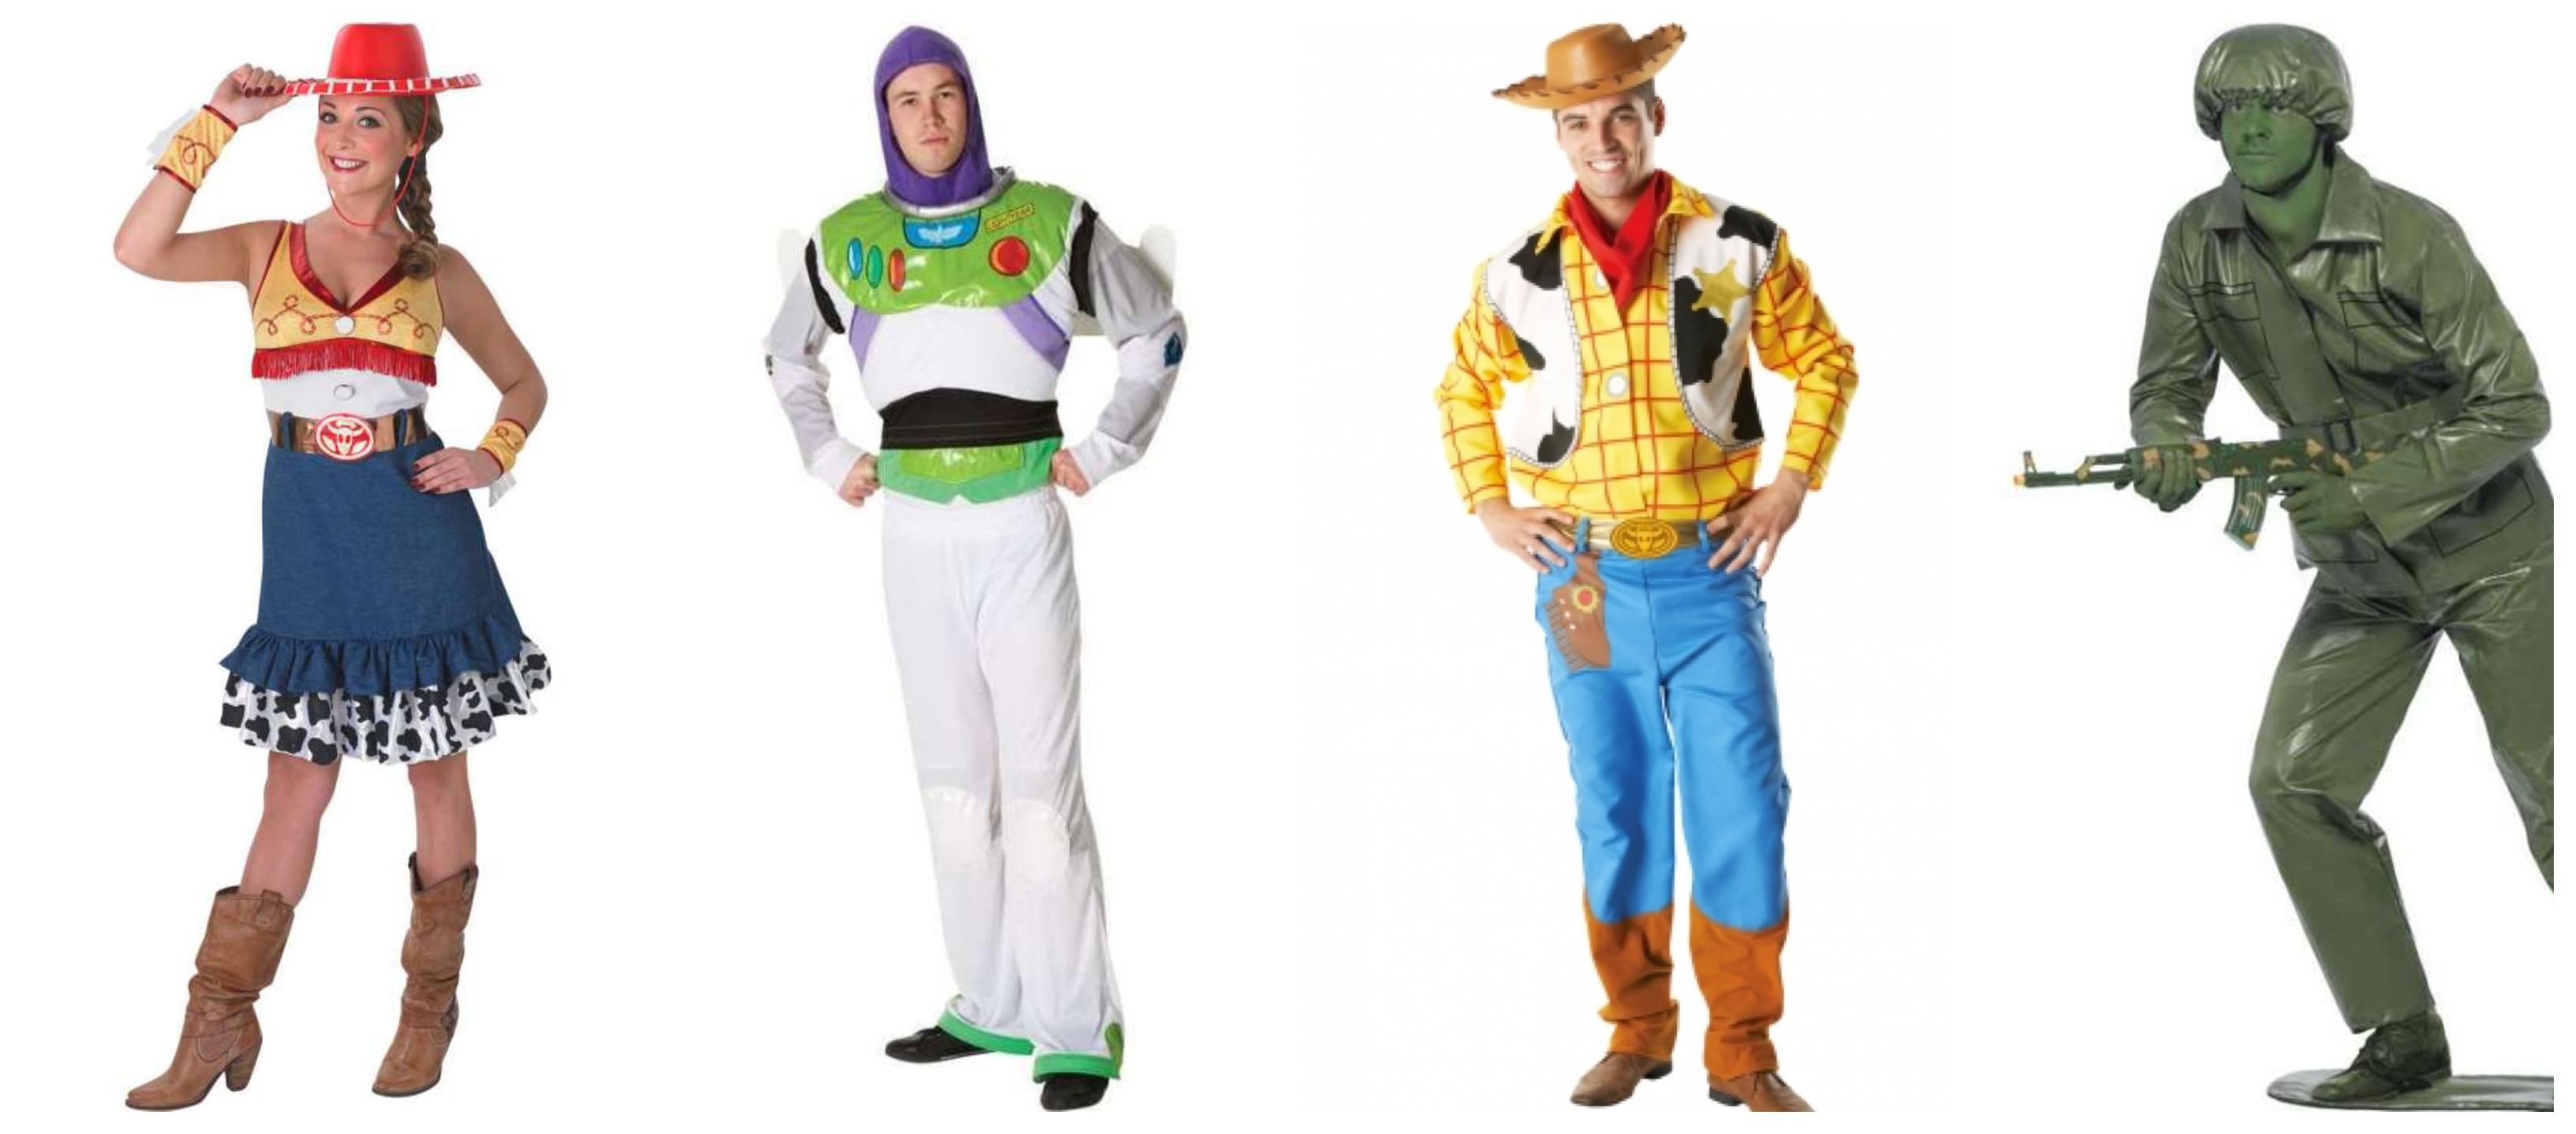 toy story kostume til voksne - Toy Story kostume til voksne